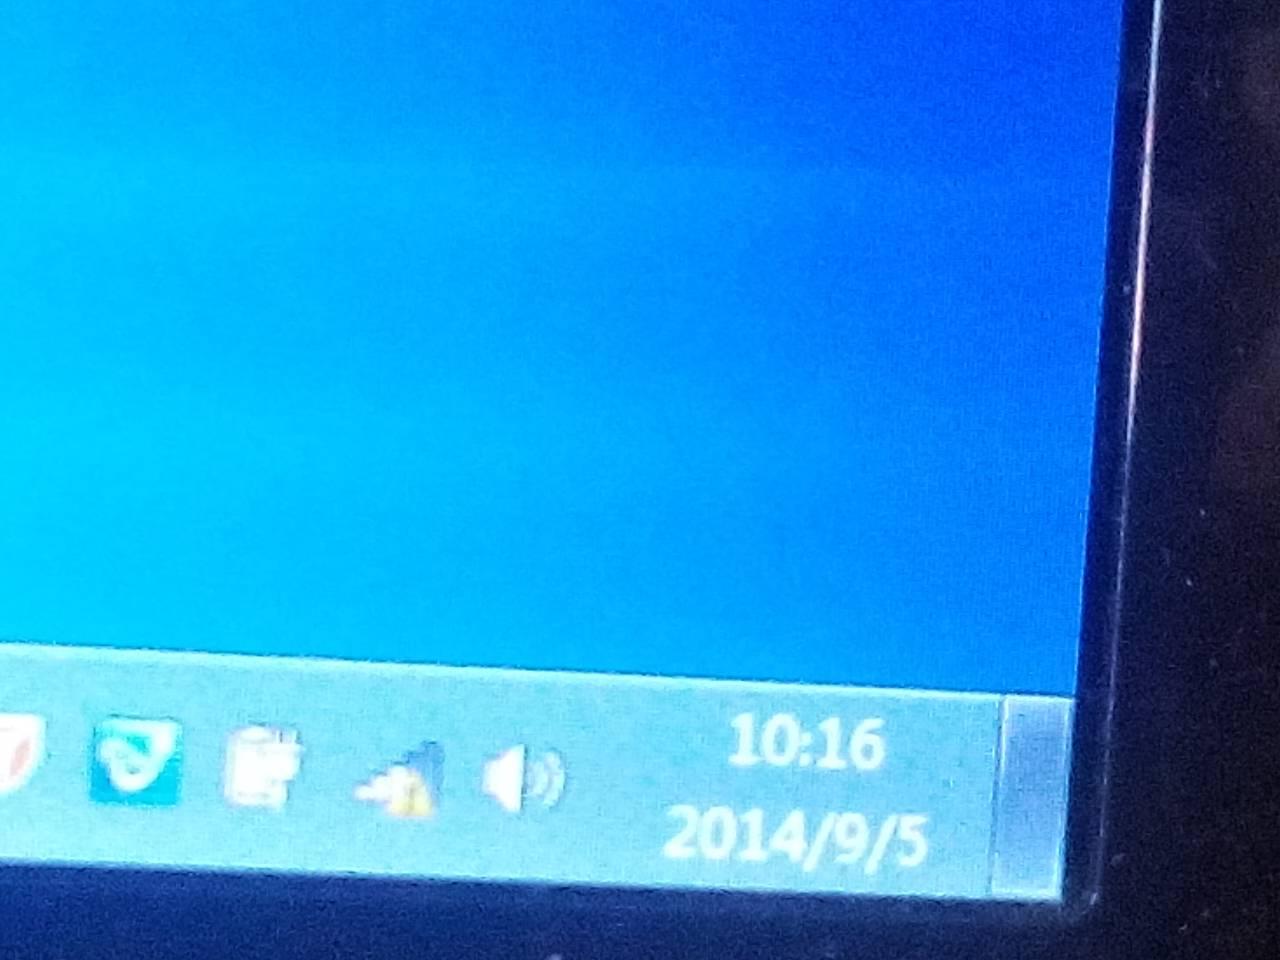 电脑连接不上wifi出现色感叹号是什么意思